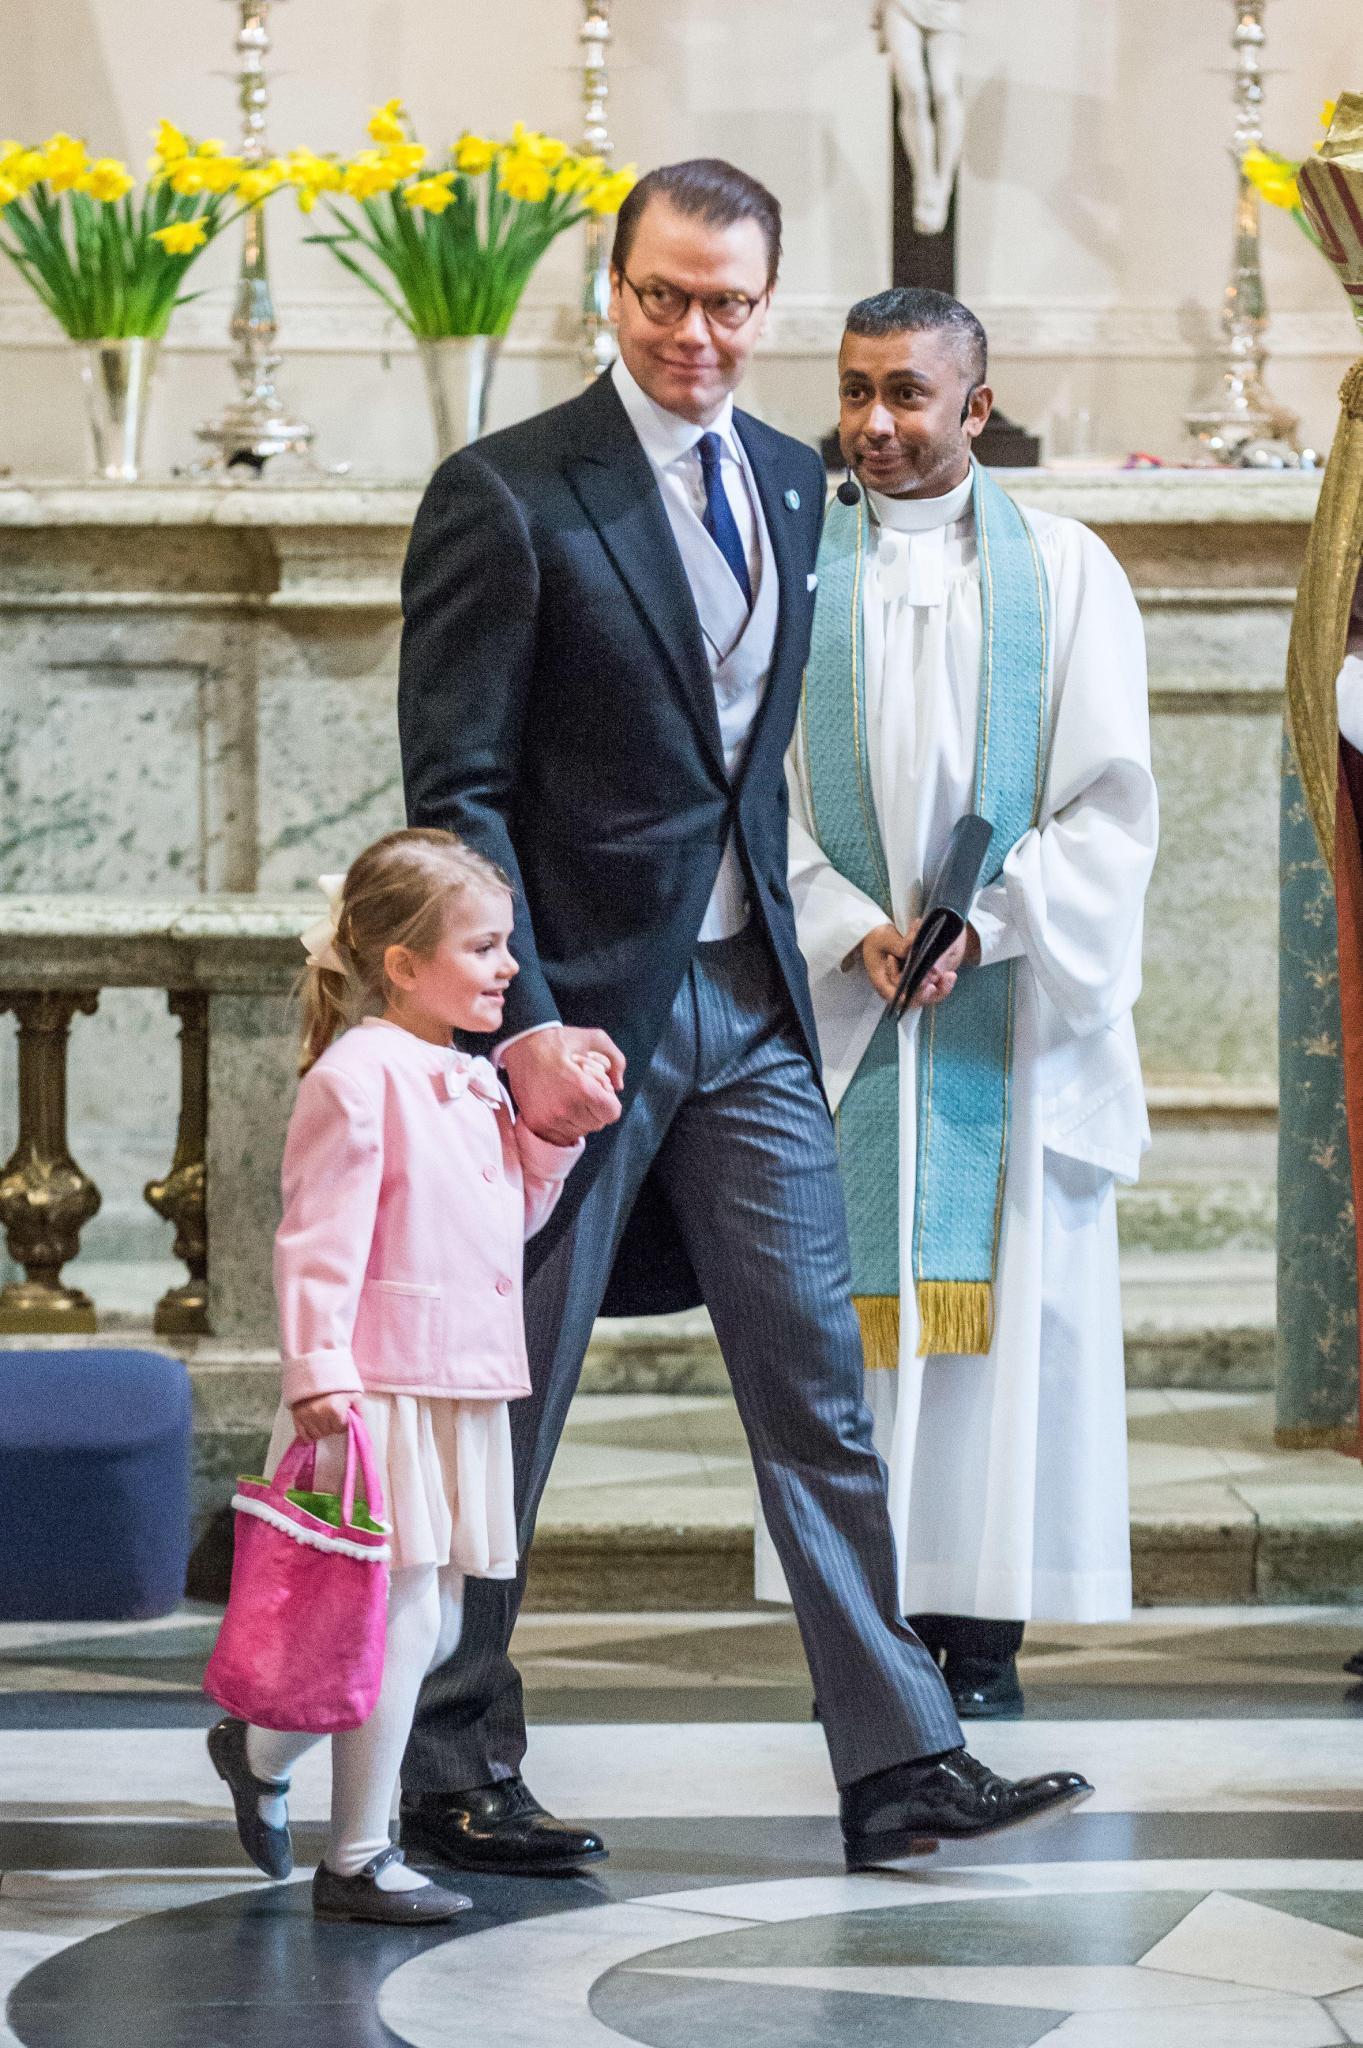 Prinz Daniel kümmert sich beim Te Deum für Prinz Oscar am 3. März liebevoll um Töchterchen Estelle. Sie soll nicht zu kurz kommen.